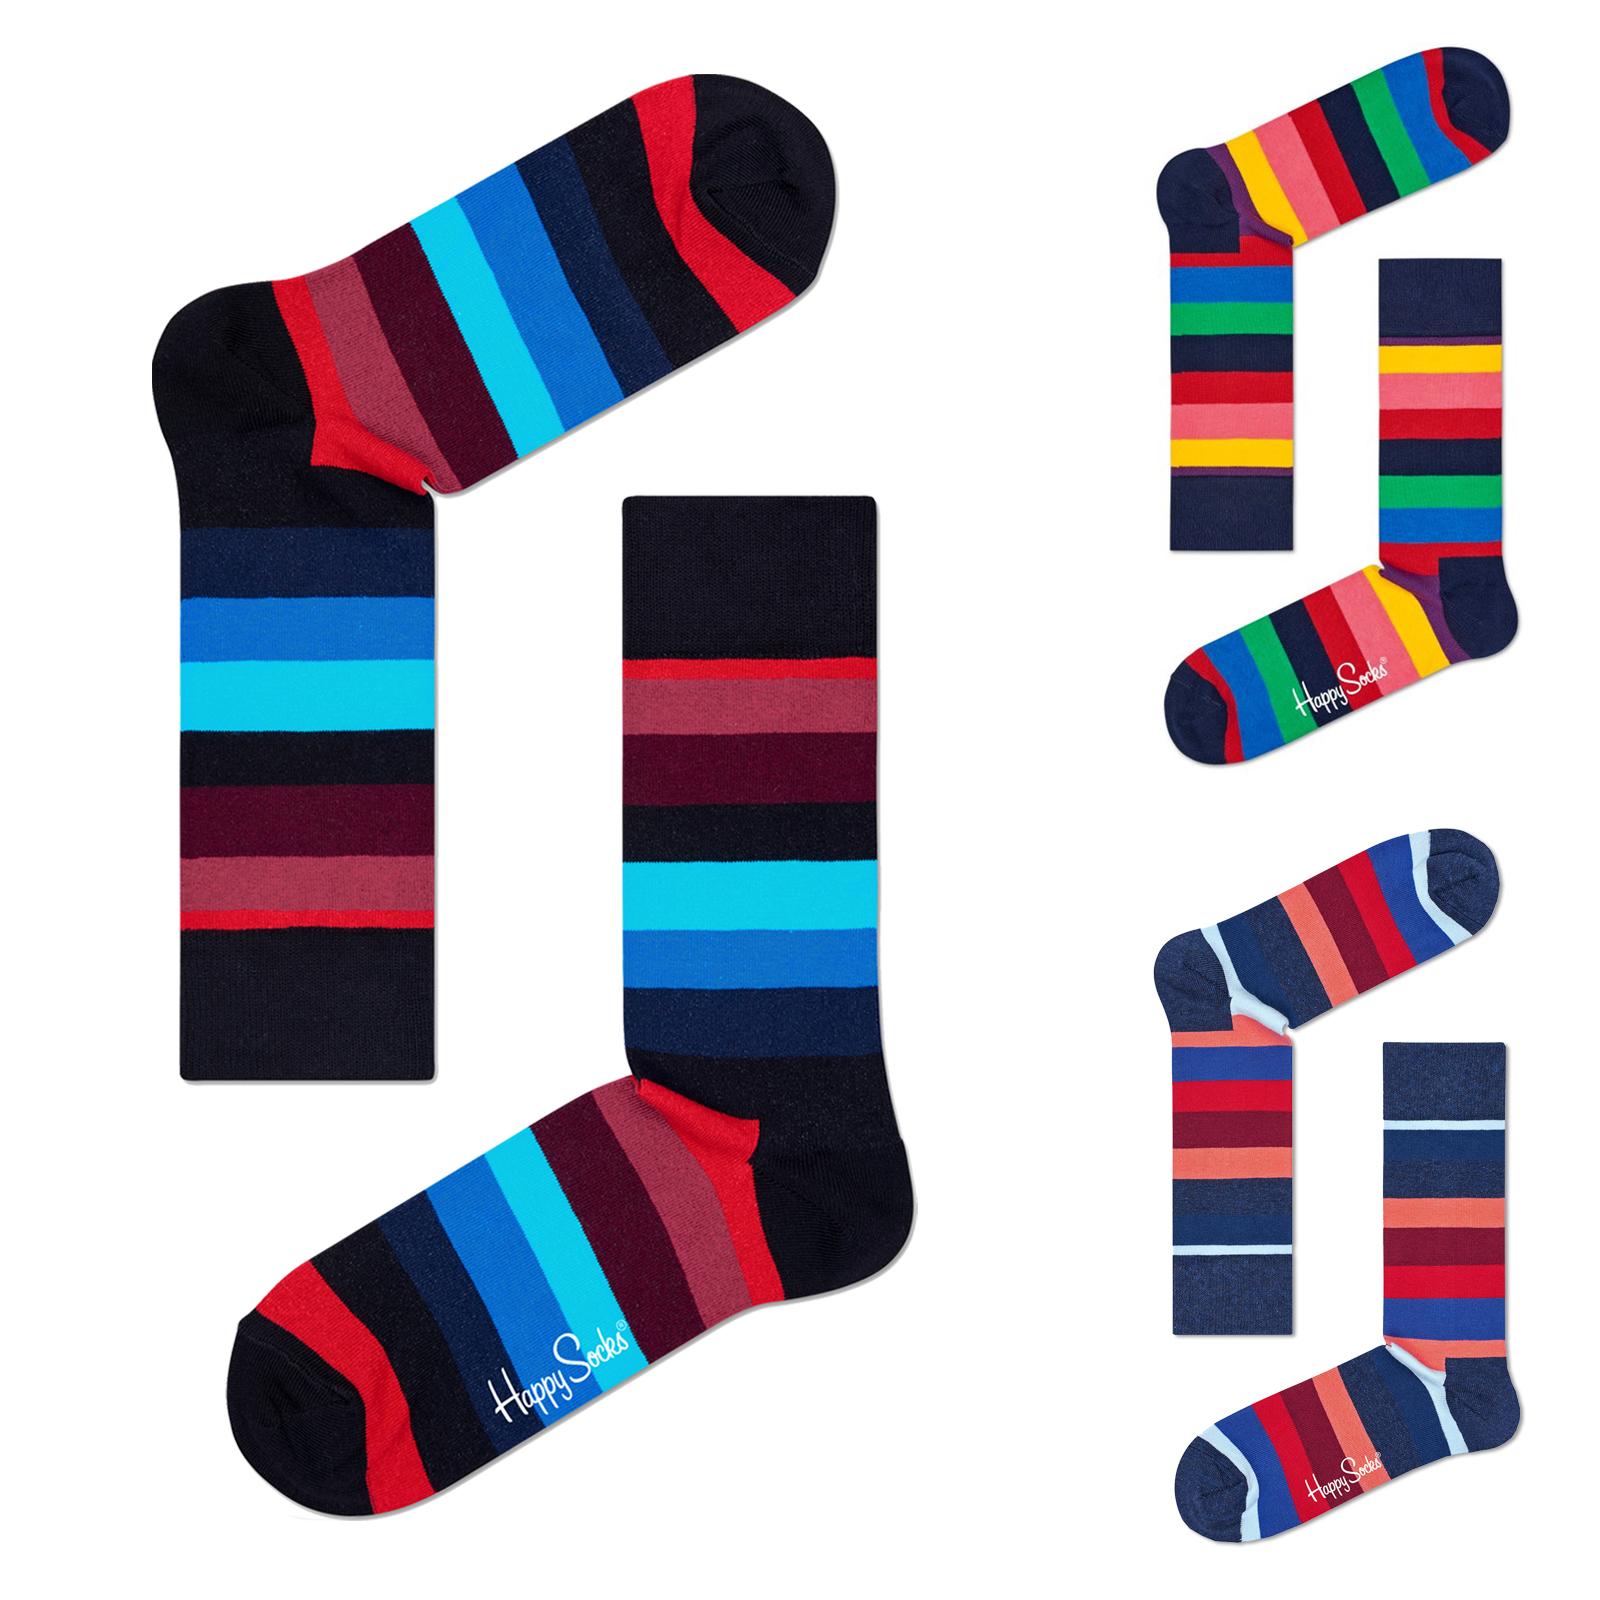 Happy Socks Socken Stripes 36/40 41/46 in bunt gestreift